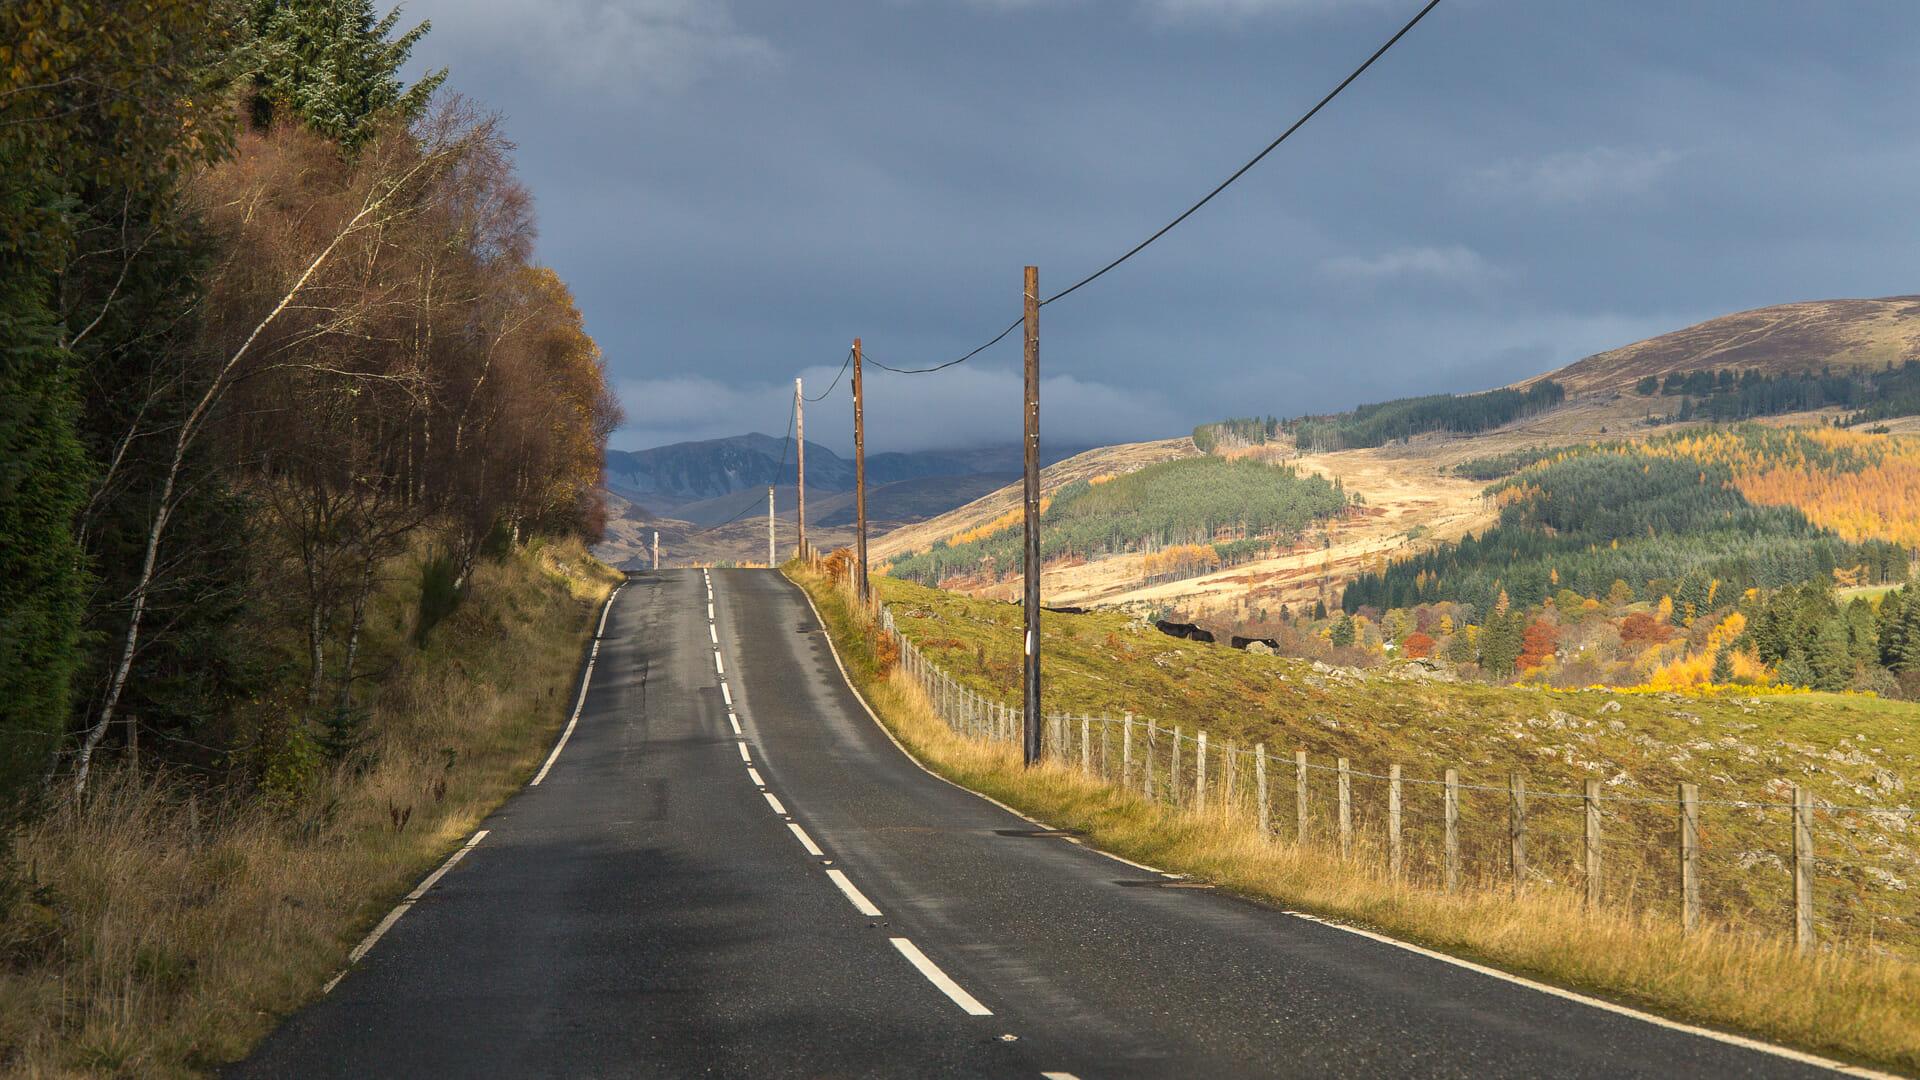 Der Einstieg in die Route kurz vor dem Glen Shee